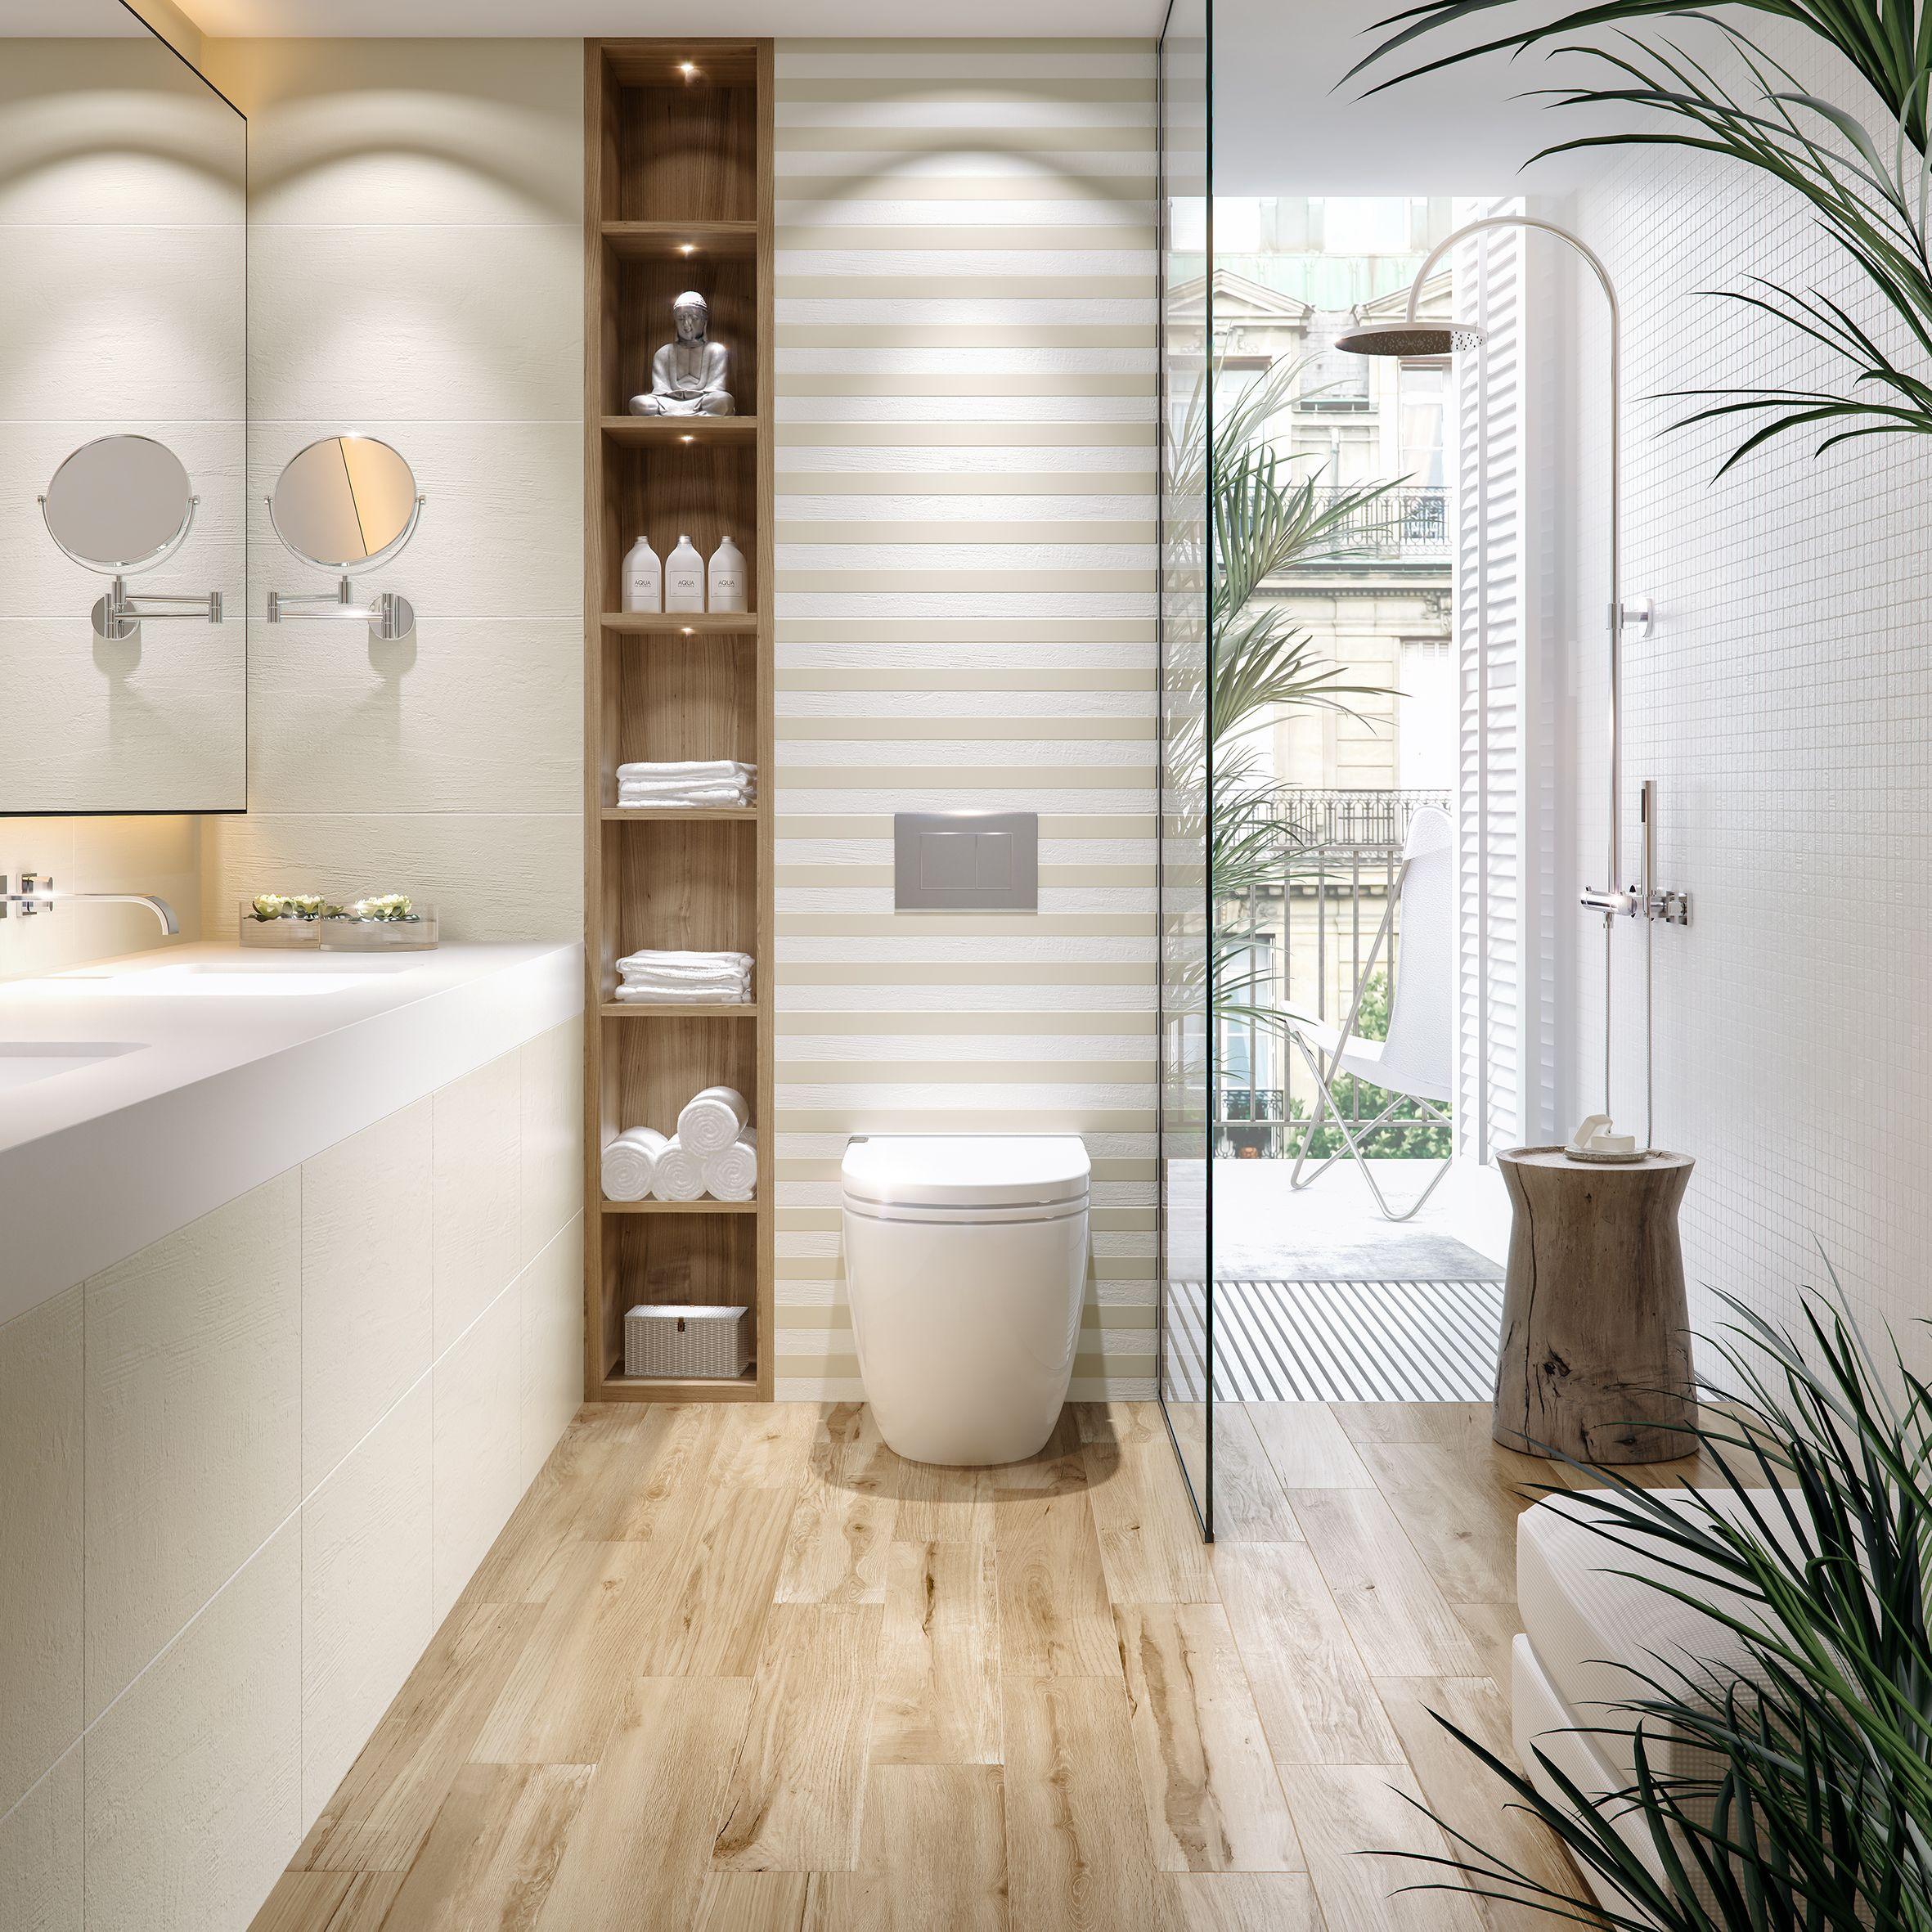 Holzoptikfliesen Im Bad Badezimmer Braun Badezimmer Holzoptik Badezimmer Beige